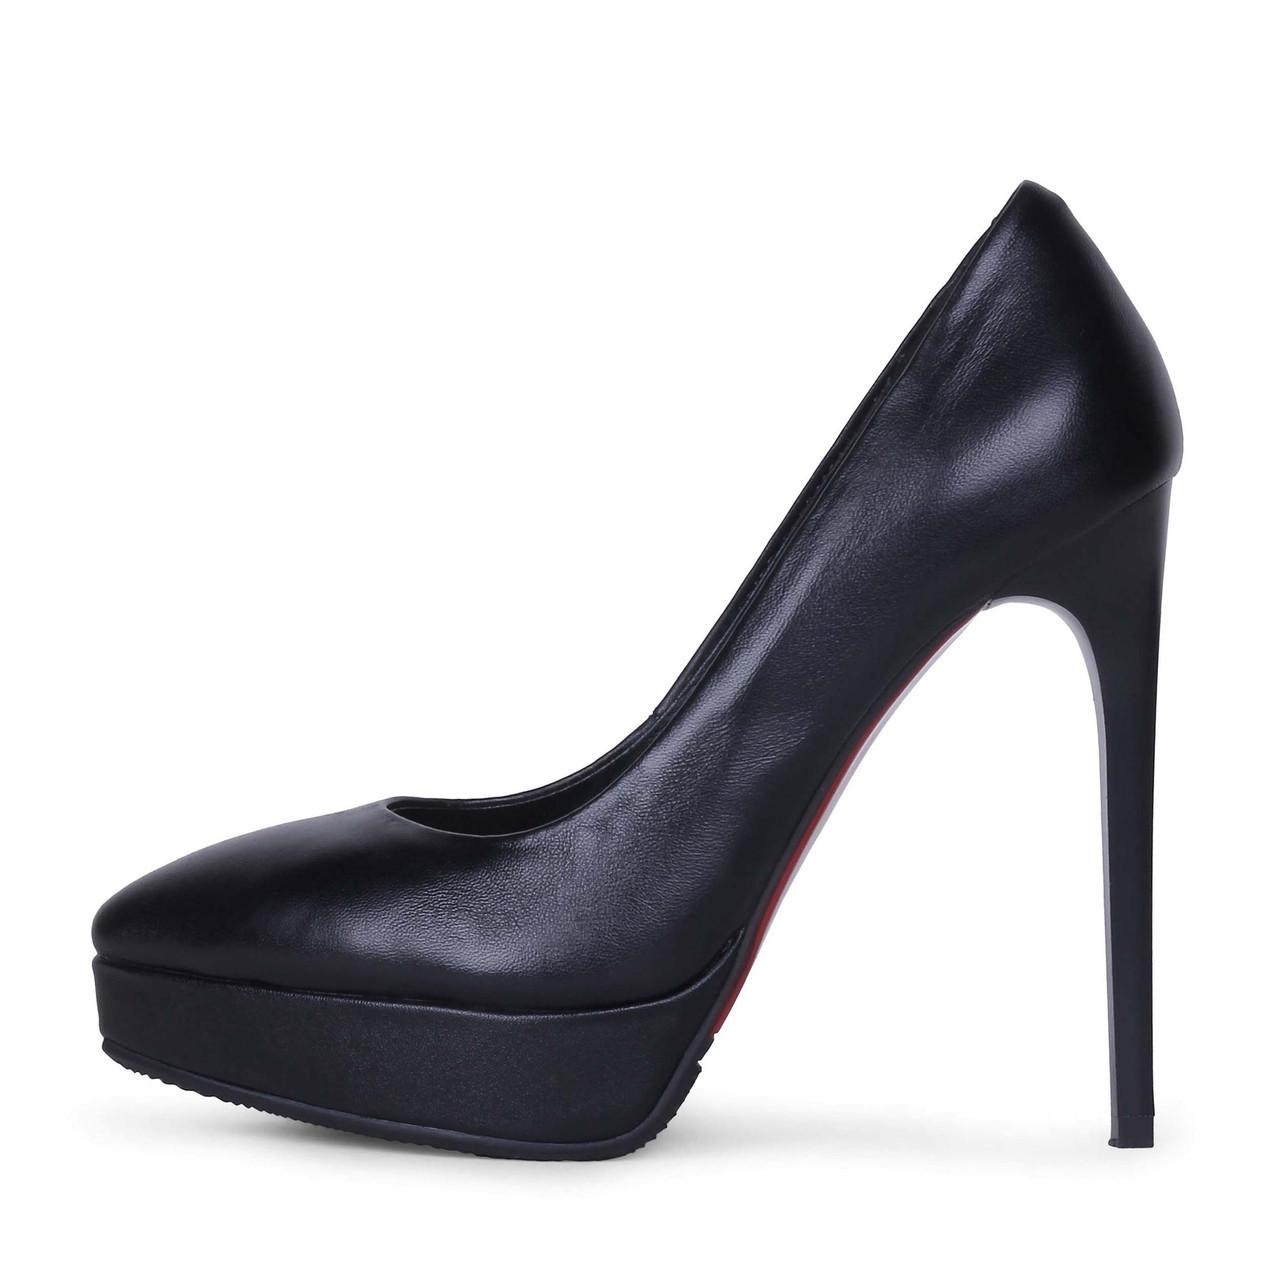 Жіночі туфлі Brocoly